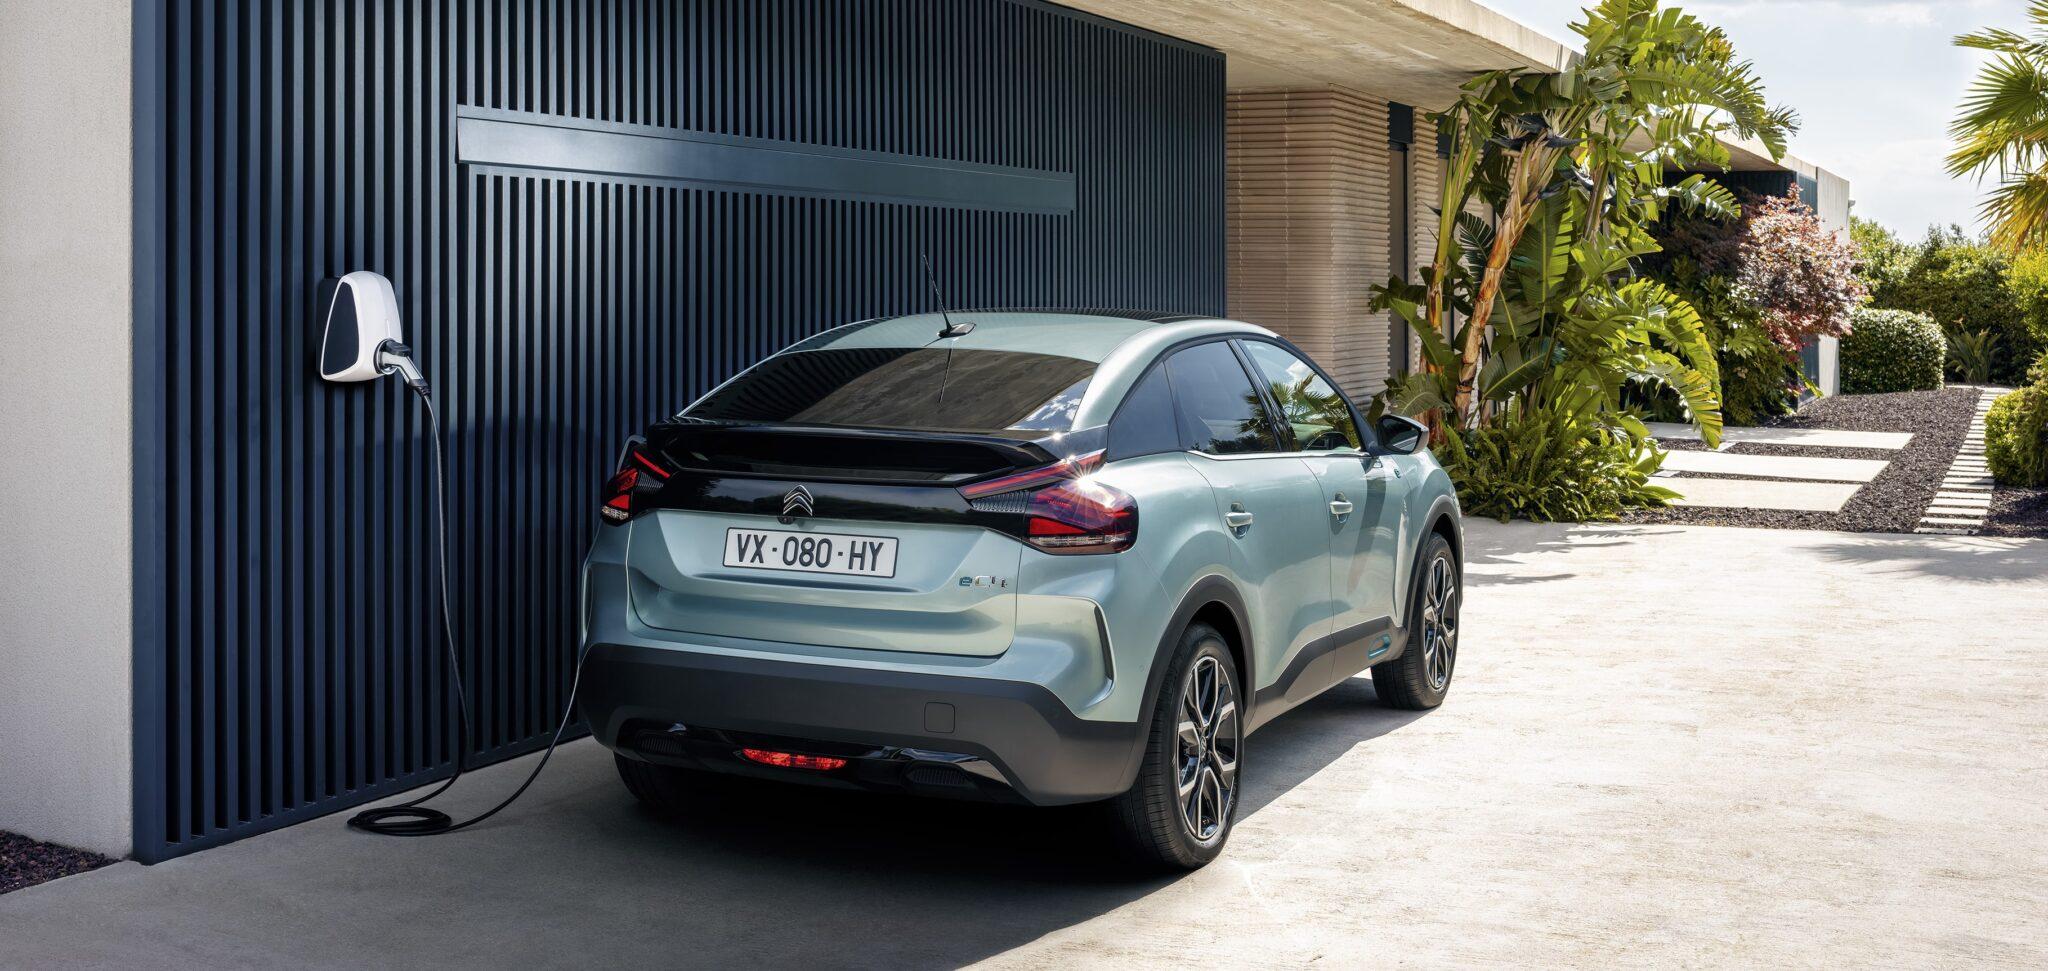 Neuer ë-C4 - Citroën erfindet die Kompaktlimousine NEU! | CL 20.026.004 min scaled